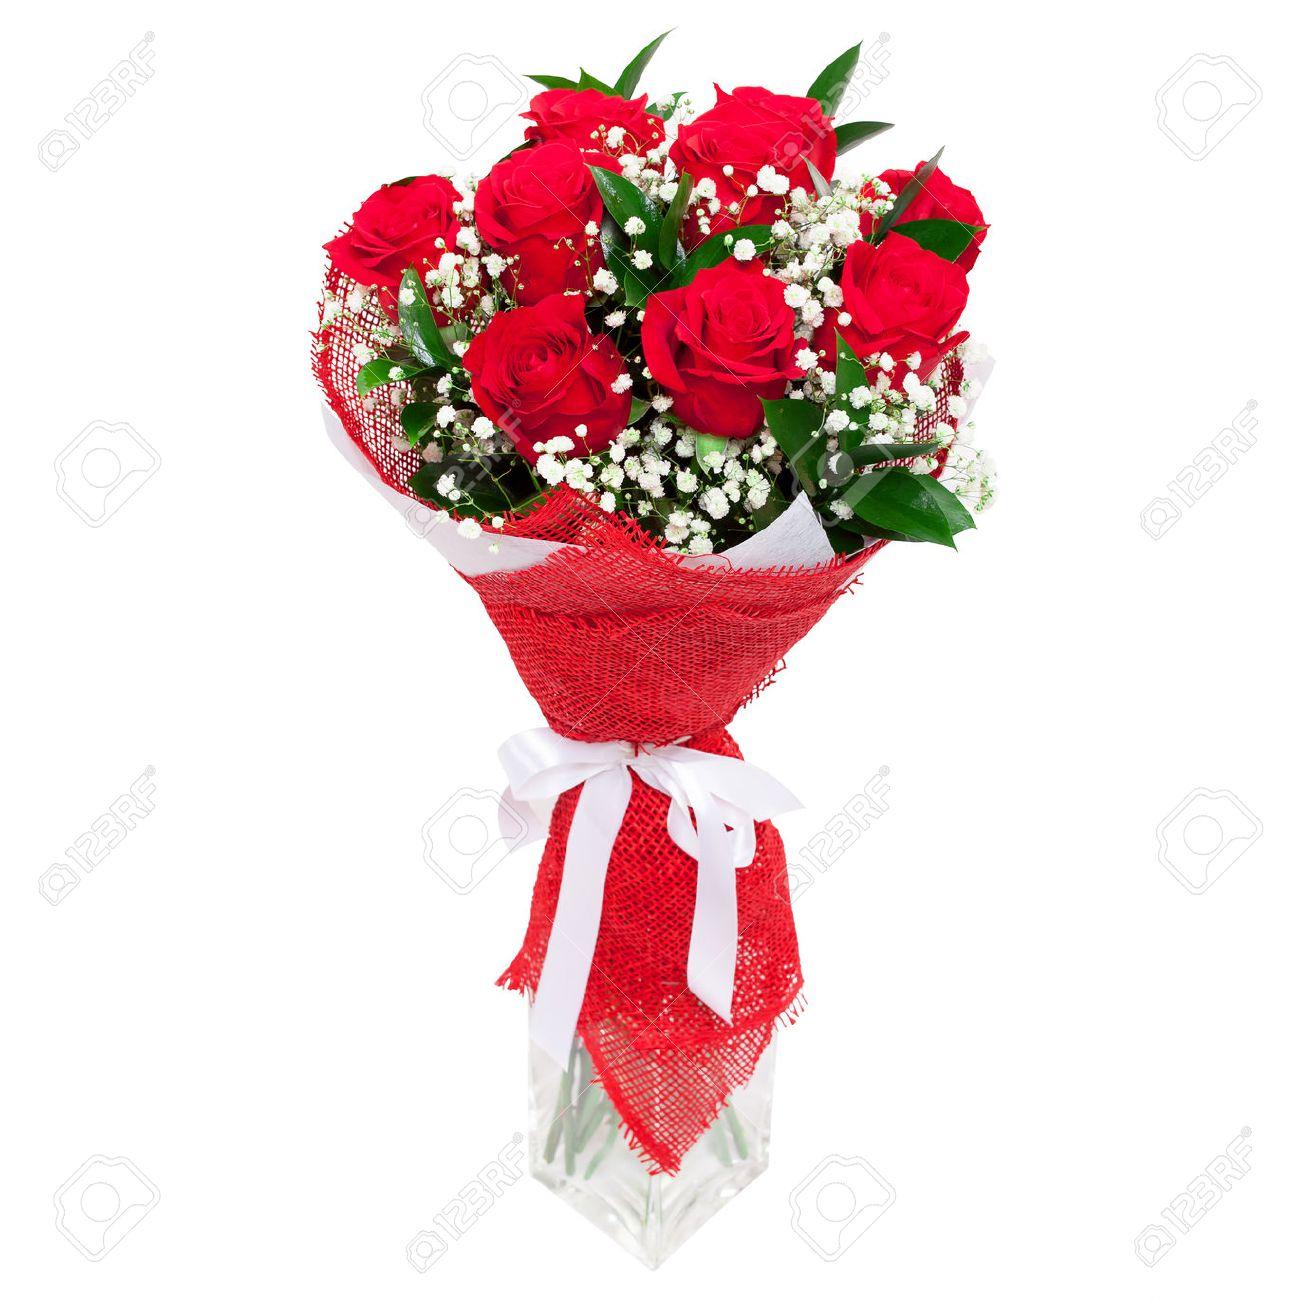 ramo de flores ramo de rosas rojas brillantes en un florero de cristal aislado en